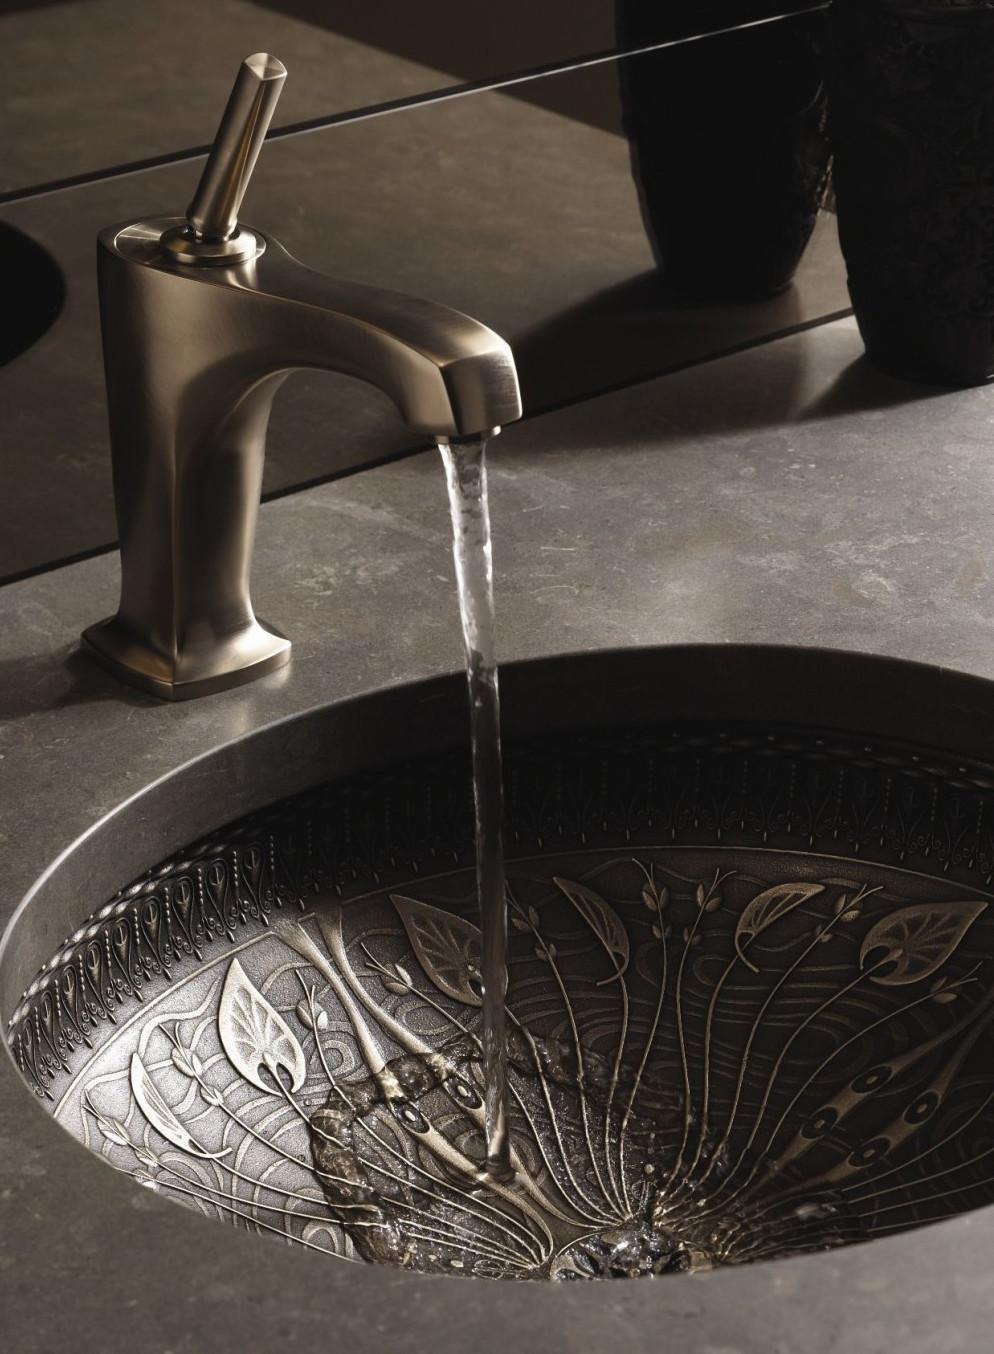 Marvelous exotic bathroom sinks Kohler Lilies Lore medium patina cast bronze sink Kohler via Atticmag